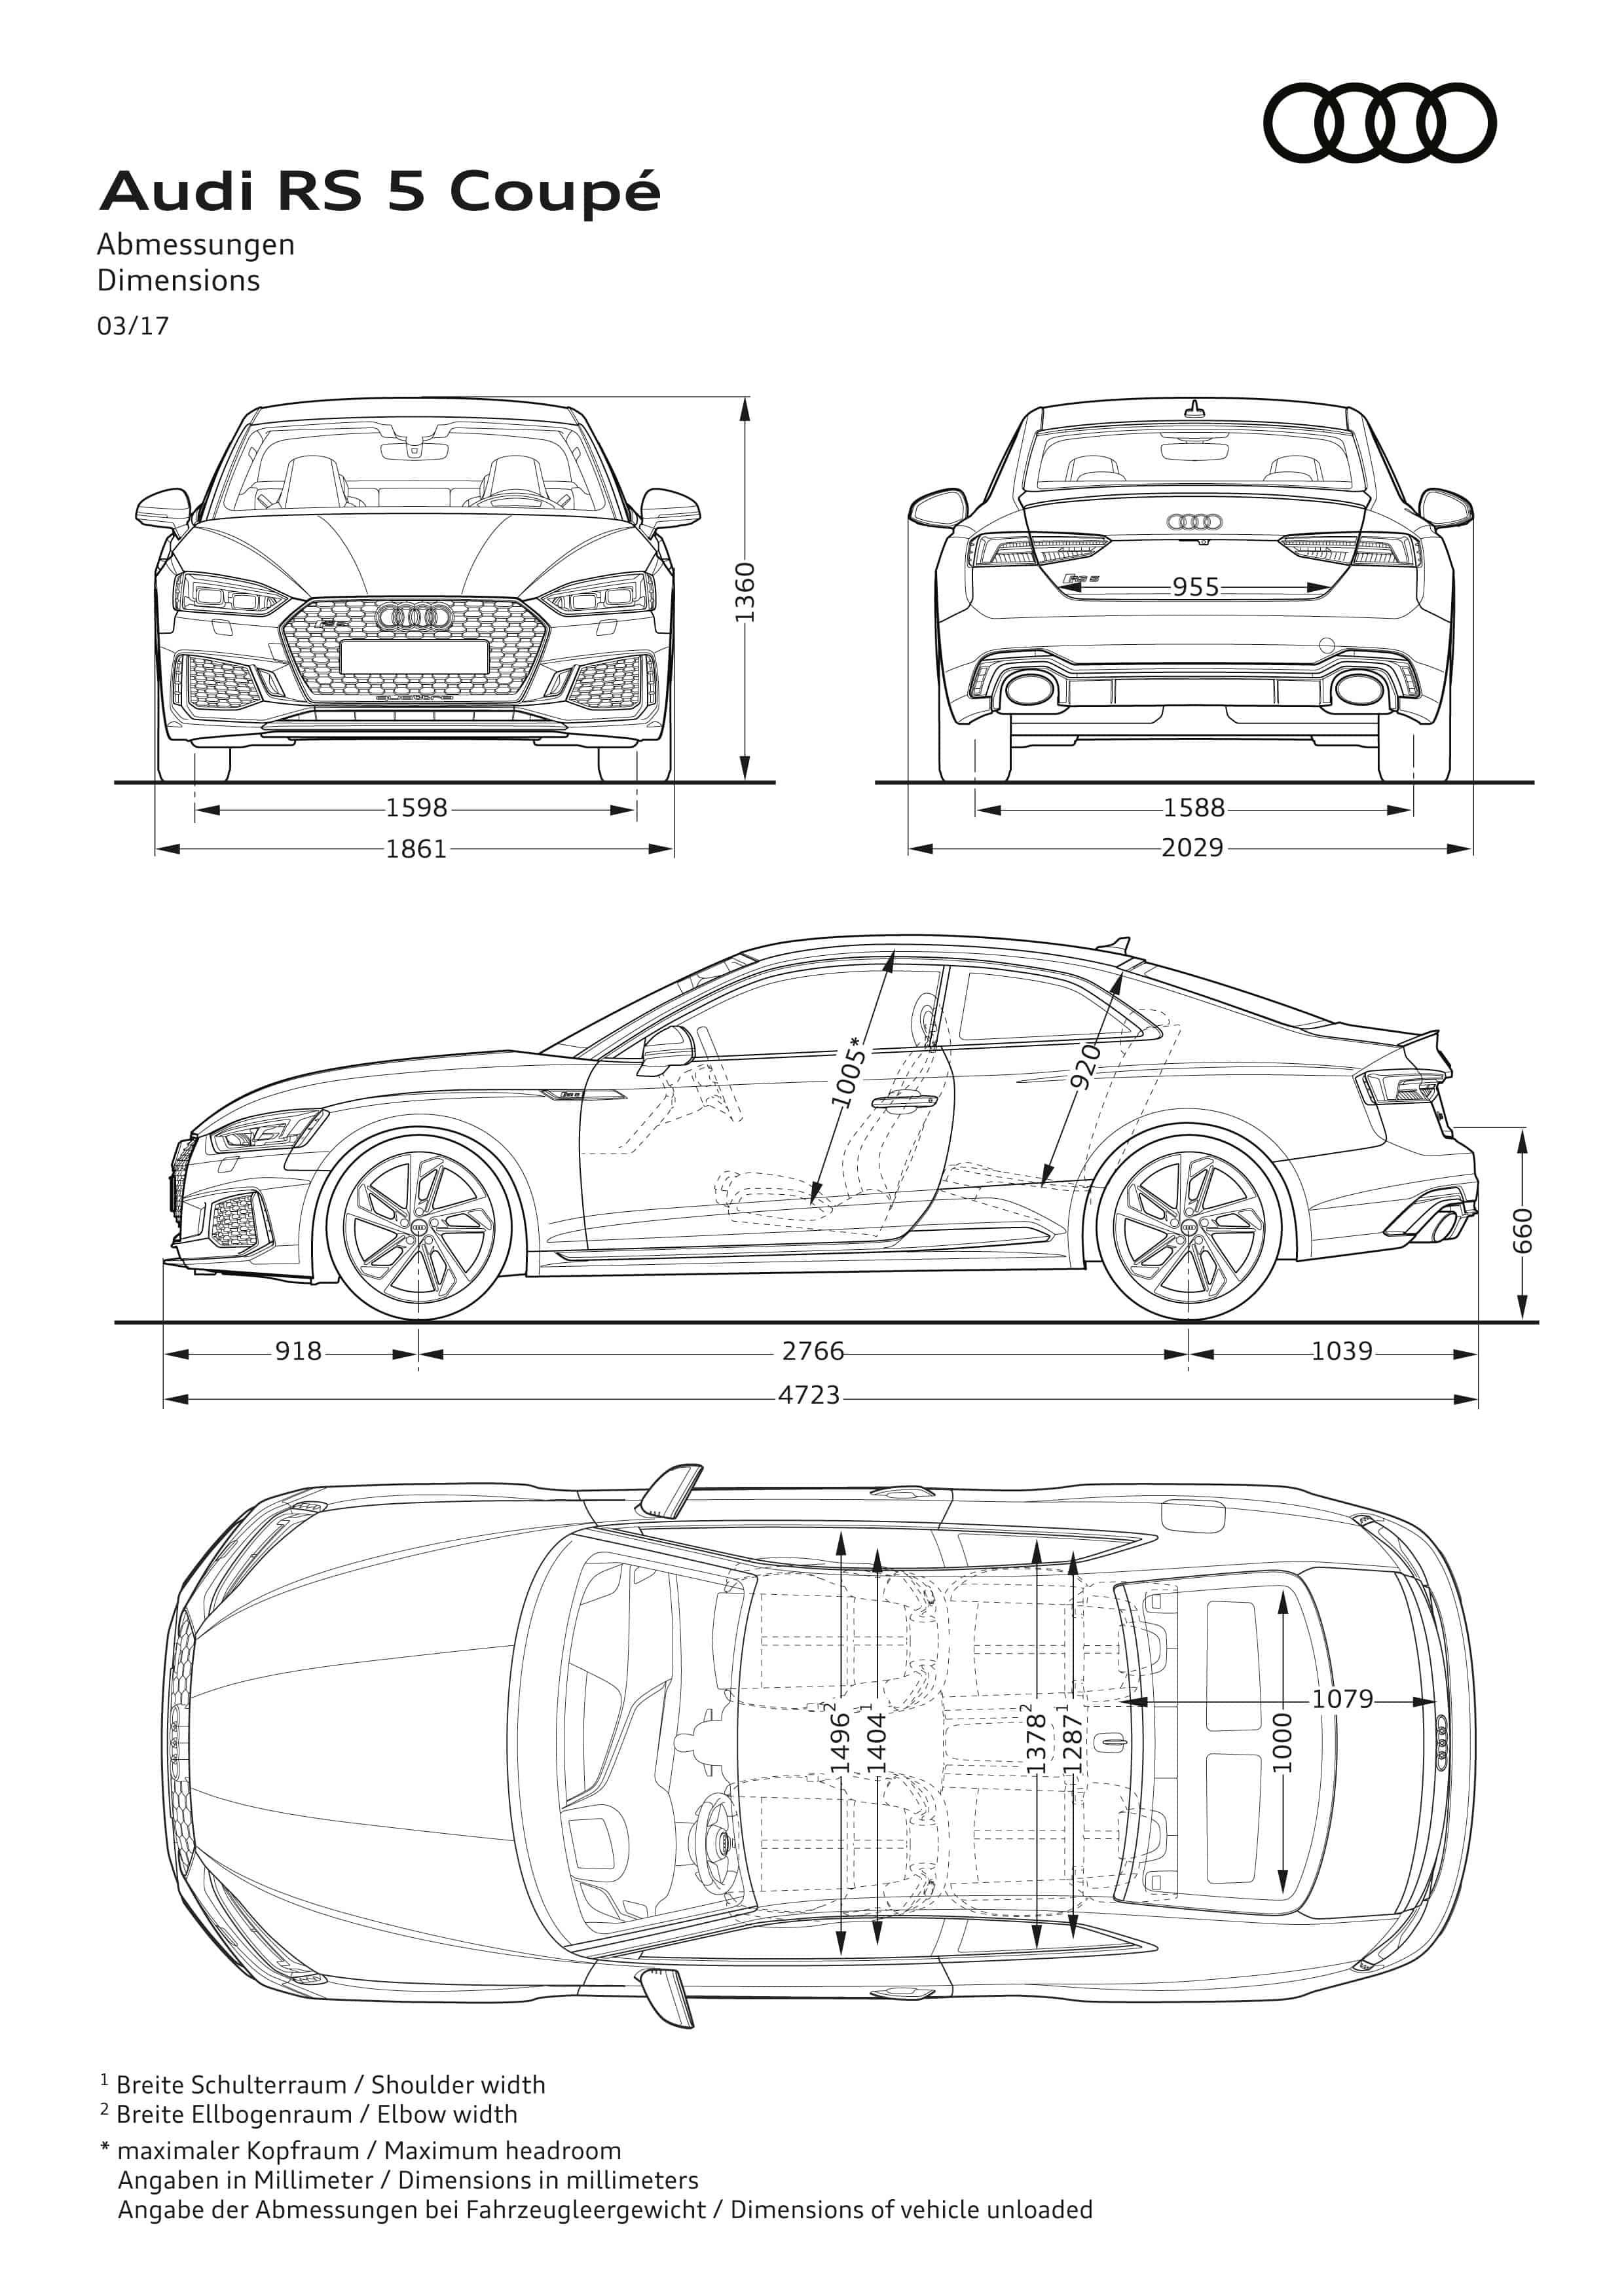 Dimensionen - Audi RS 5 Coupé